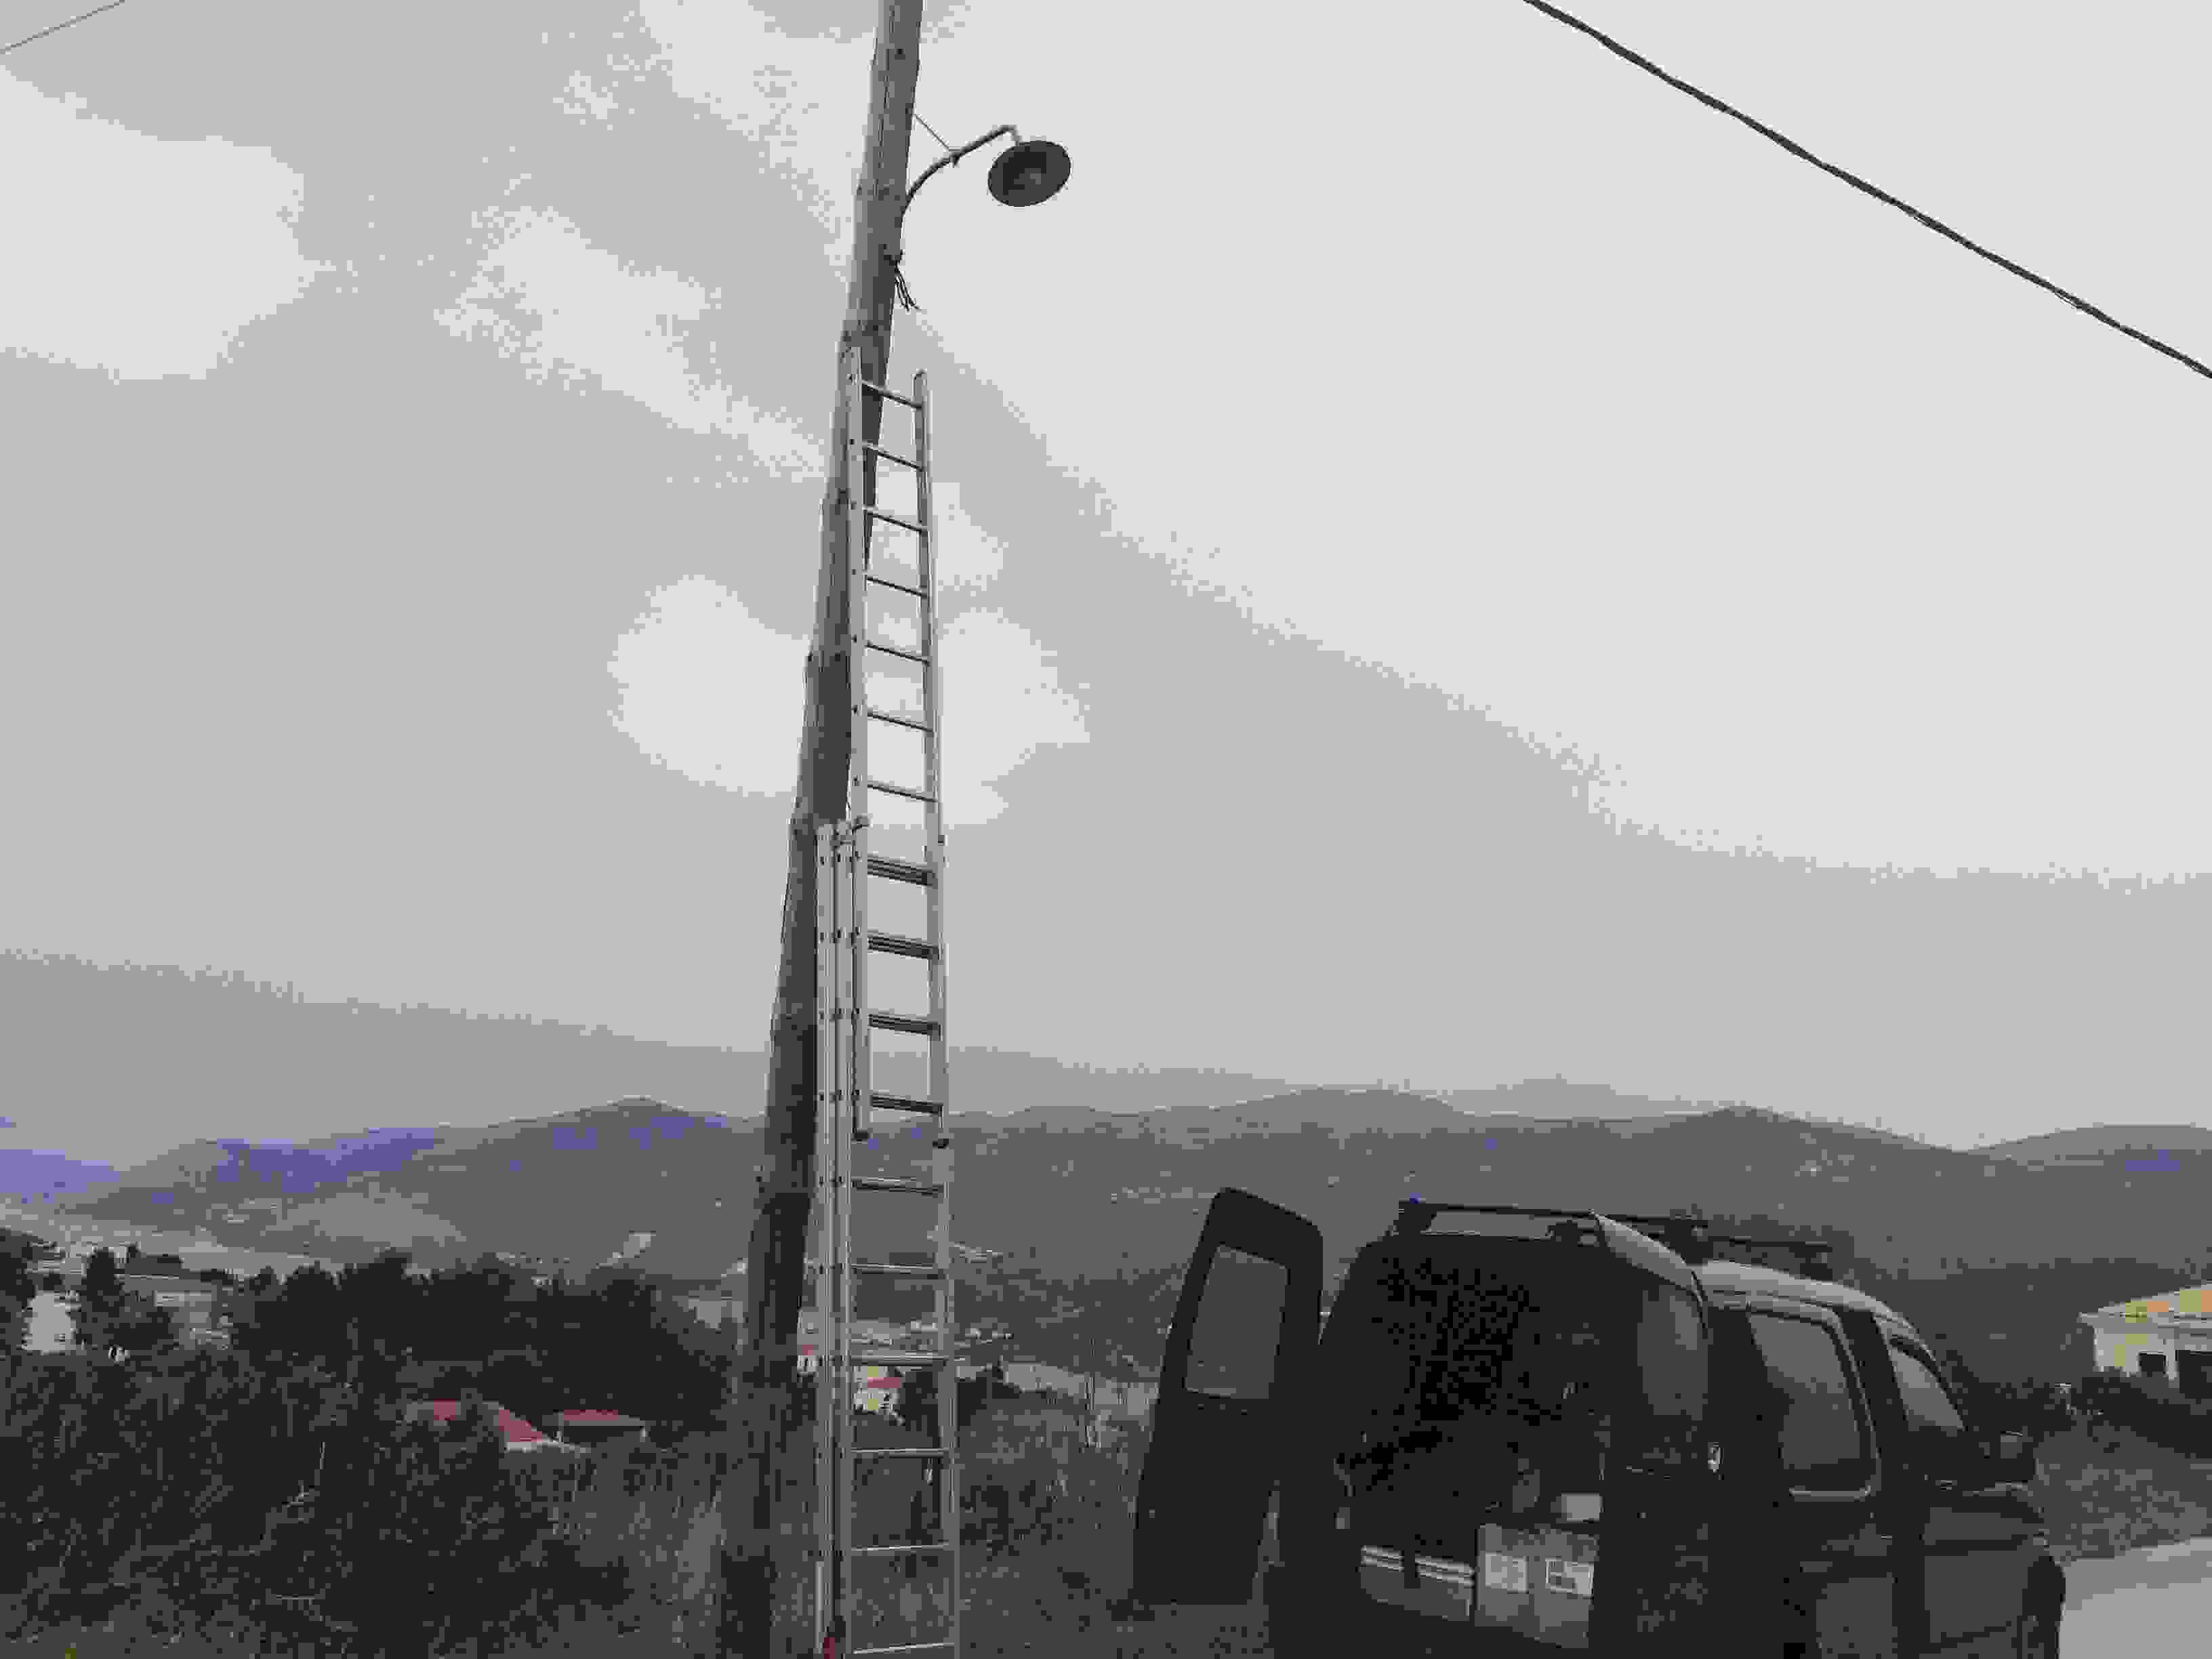 ΔΗΜΟΣ: Έλεγχος και αλλαγή λαμπτήρων στην ΔΗΜΟΤΙΚΗ ενότητα Αργοστολίου και συγκεκριμένα στις περιοχές Χαράβοντα, Σπήλια